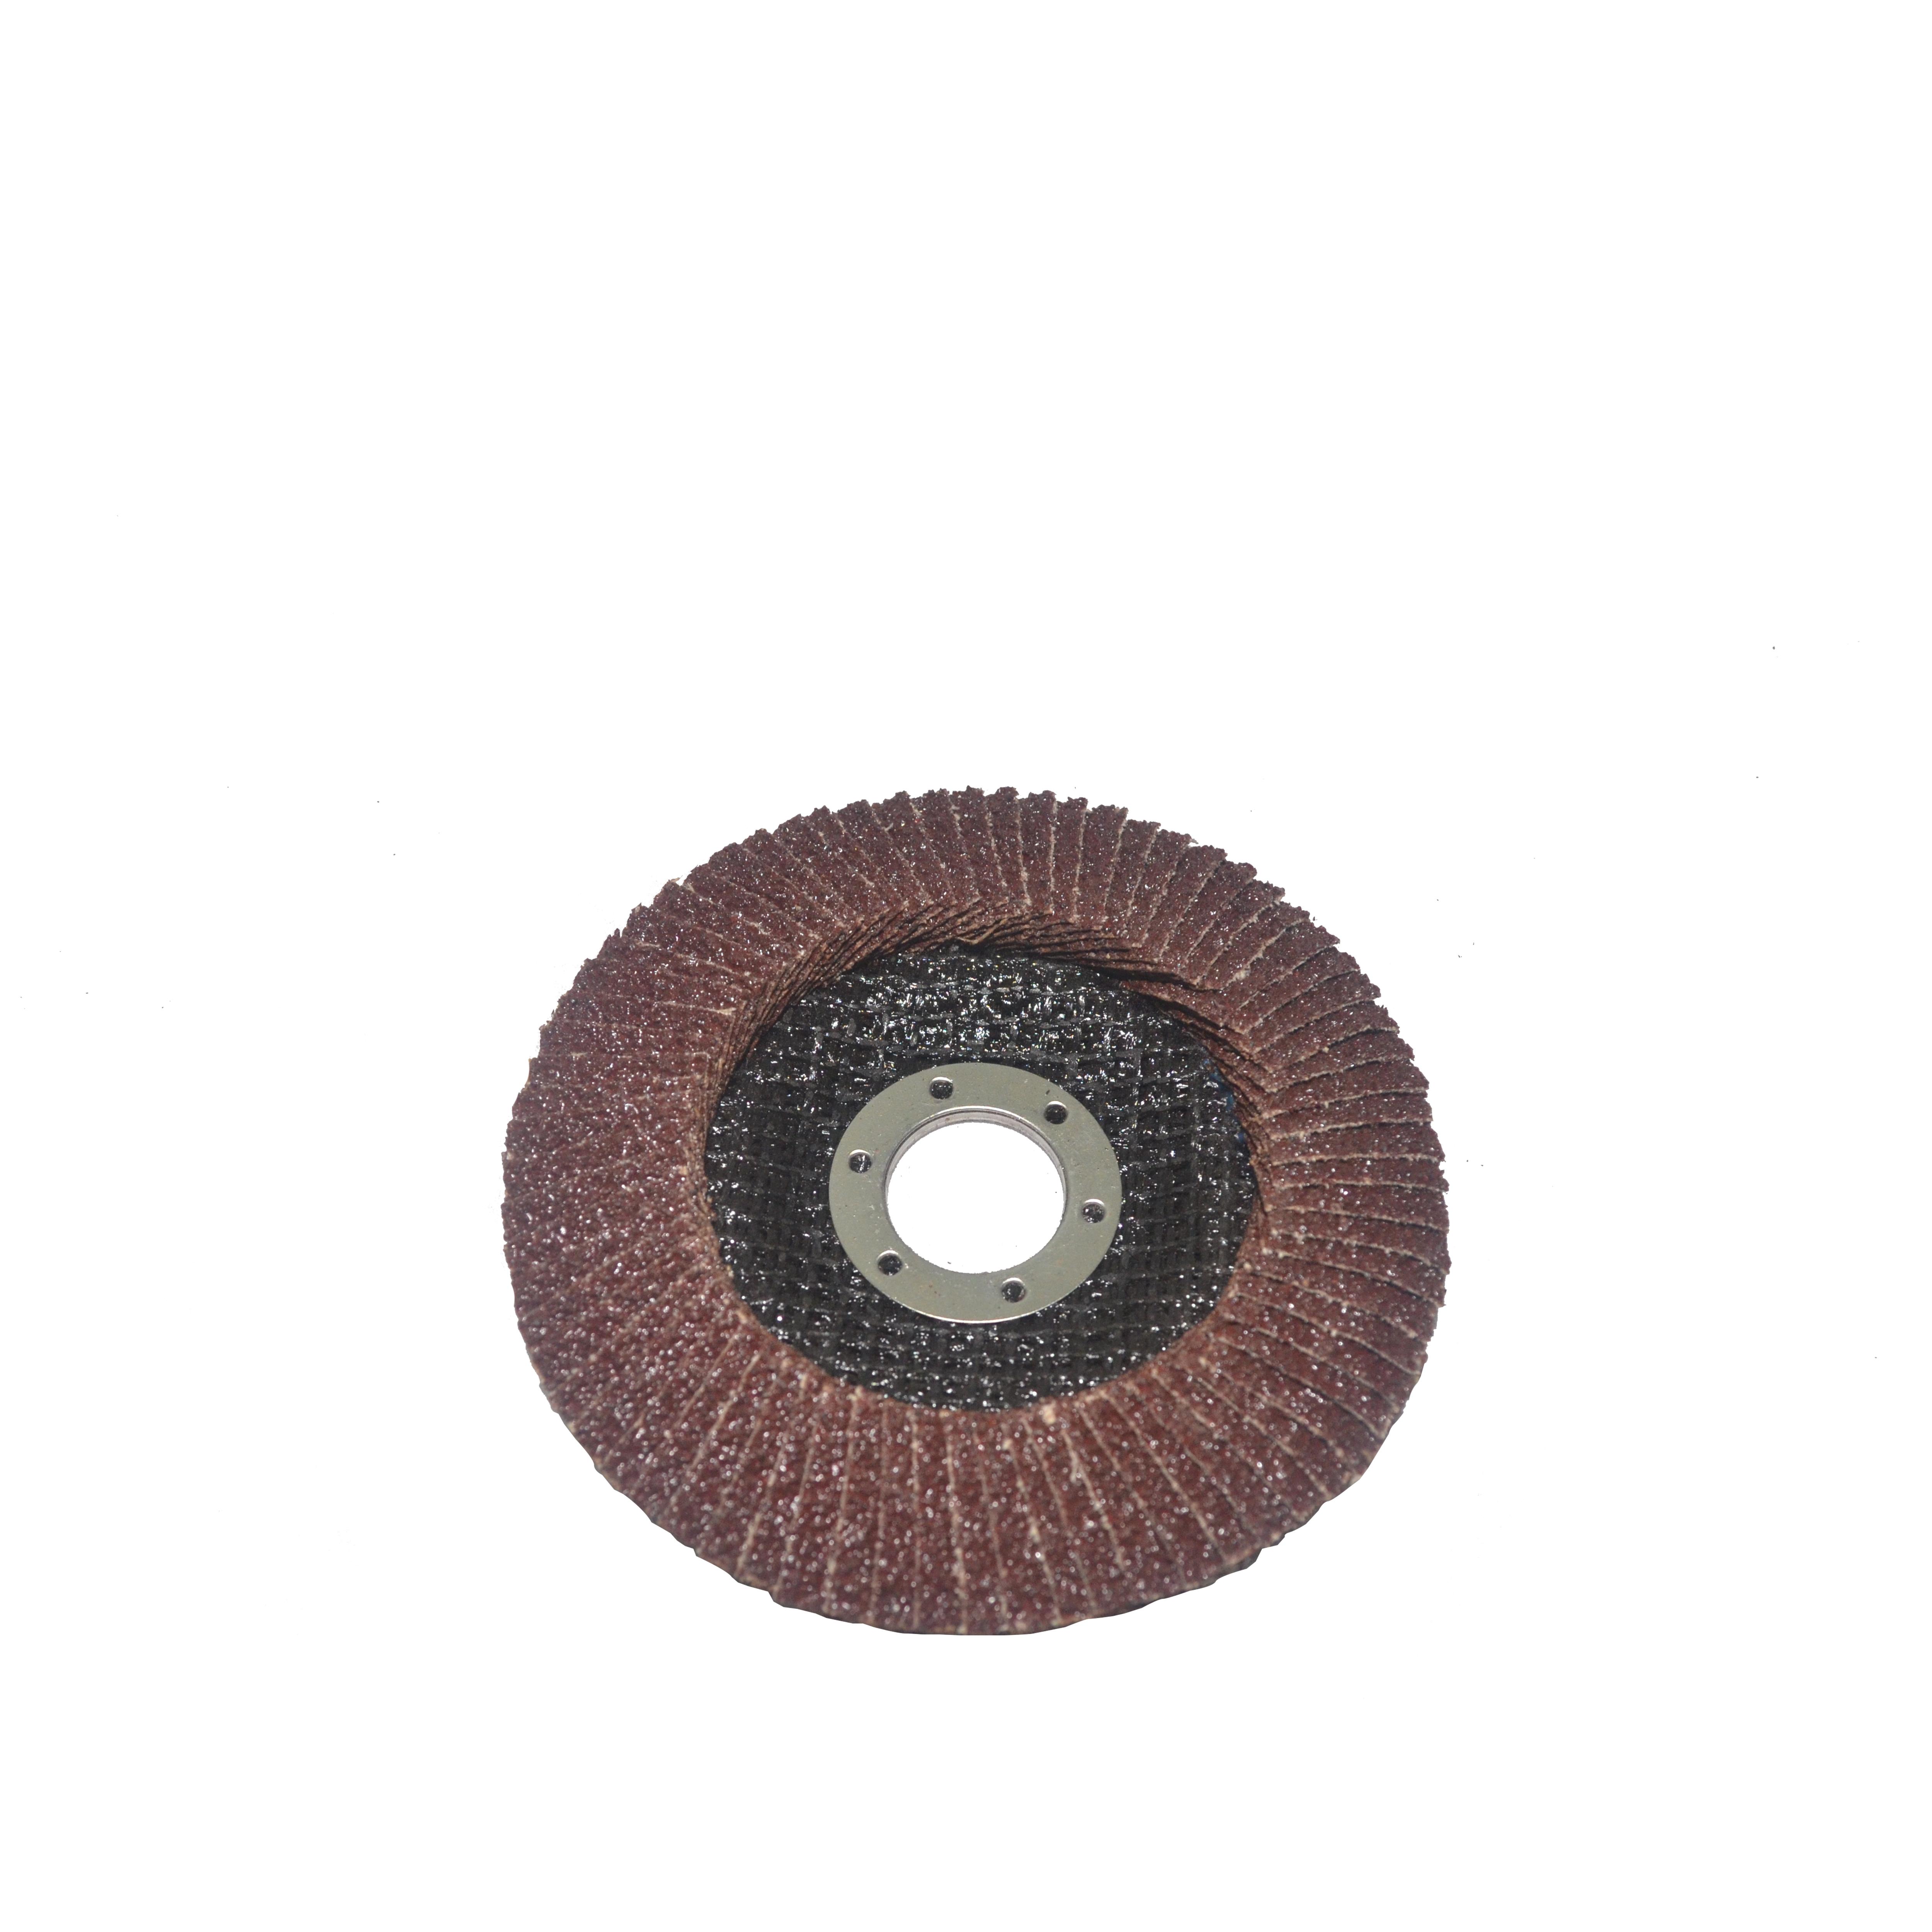 T29 type 45 inch niet-geweven doek polijsten flap ronde schuurschijf